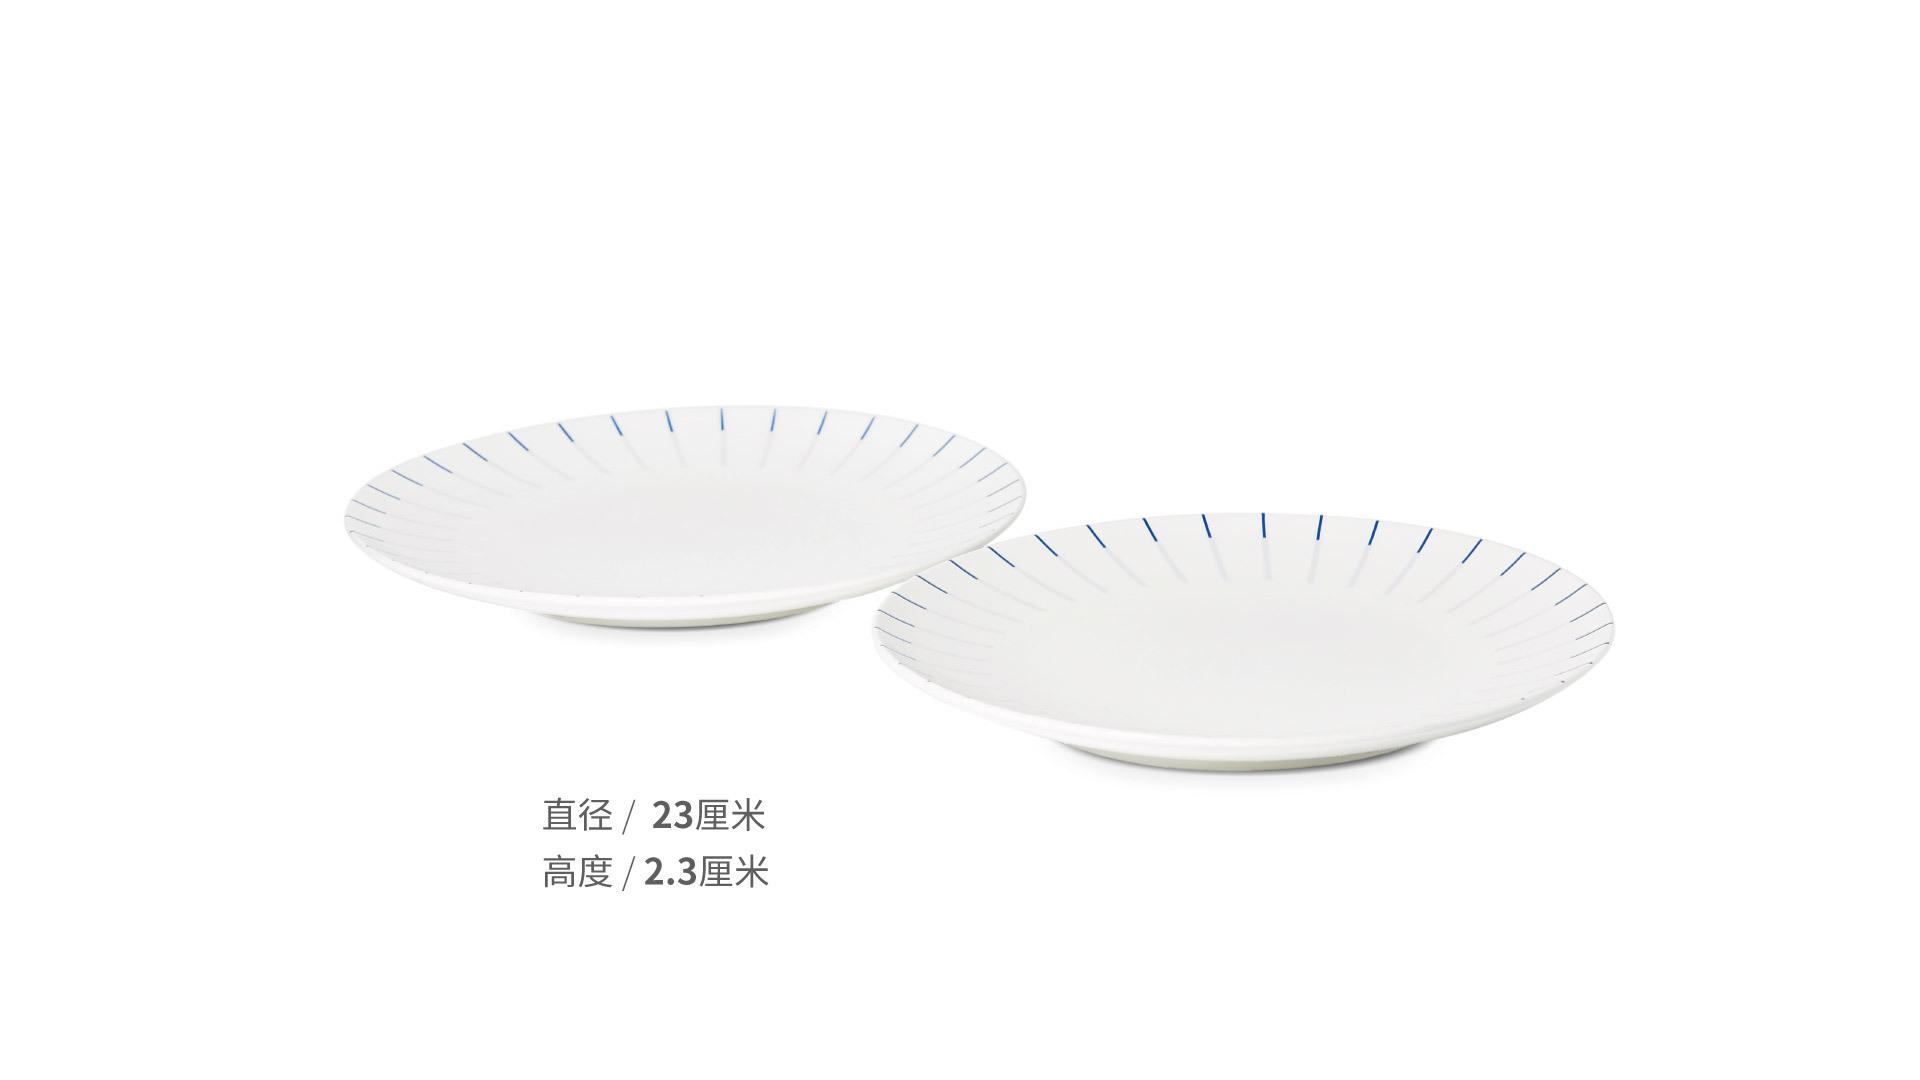 镜线西班牙瓷土餐具组大盘套装餐具效果图